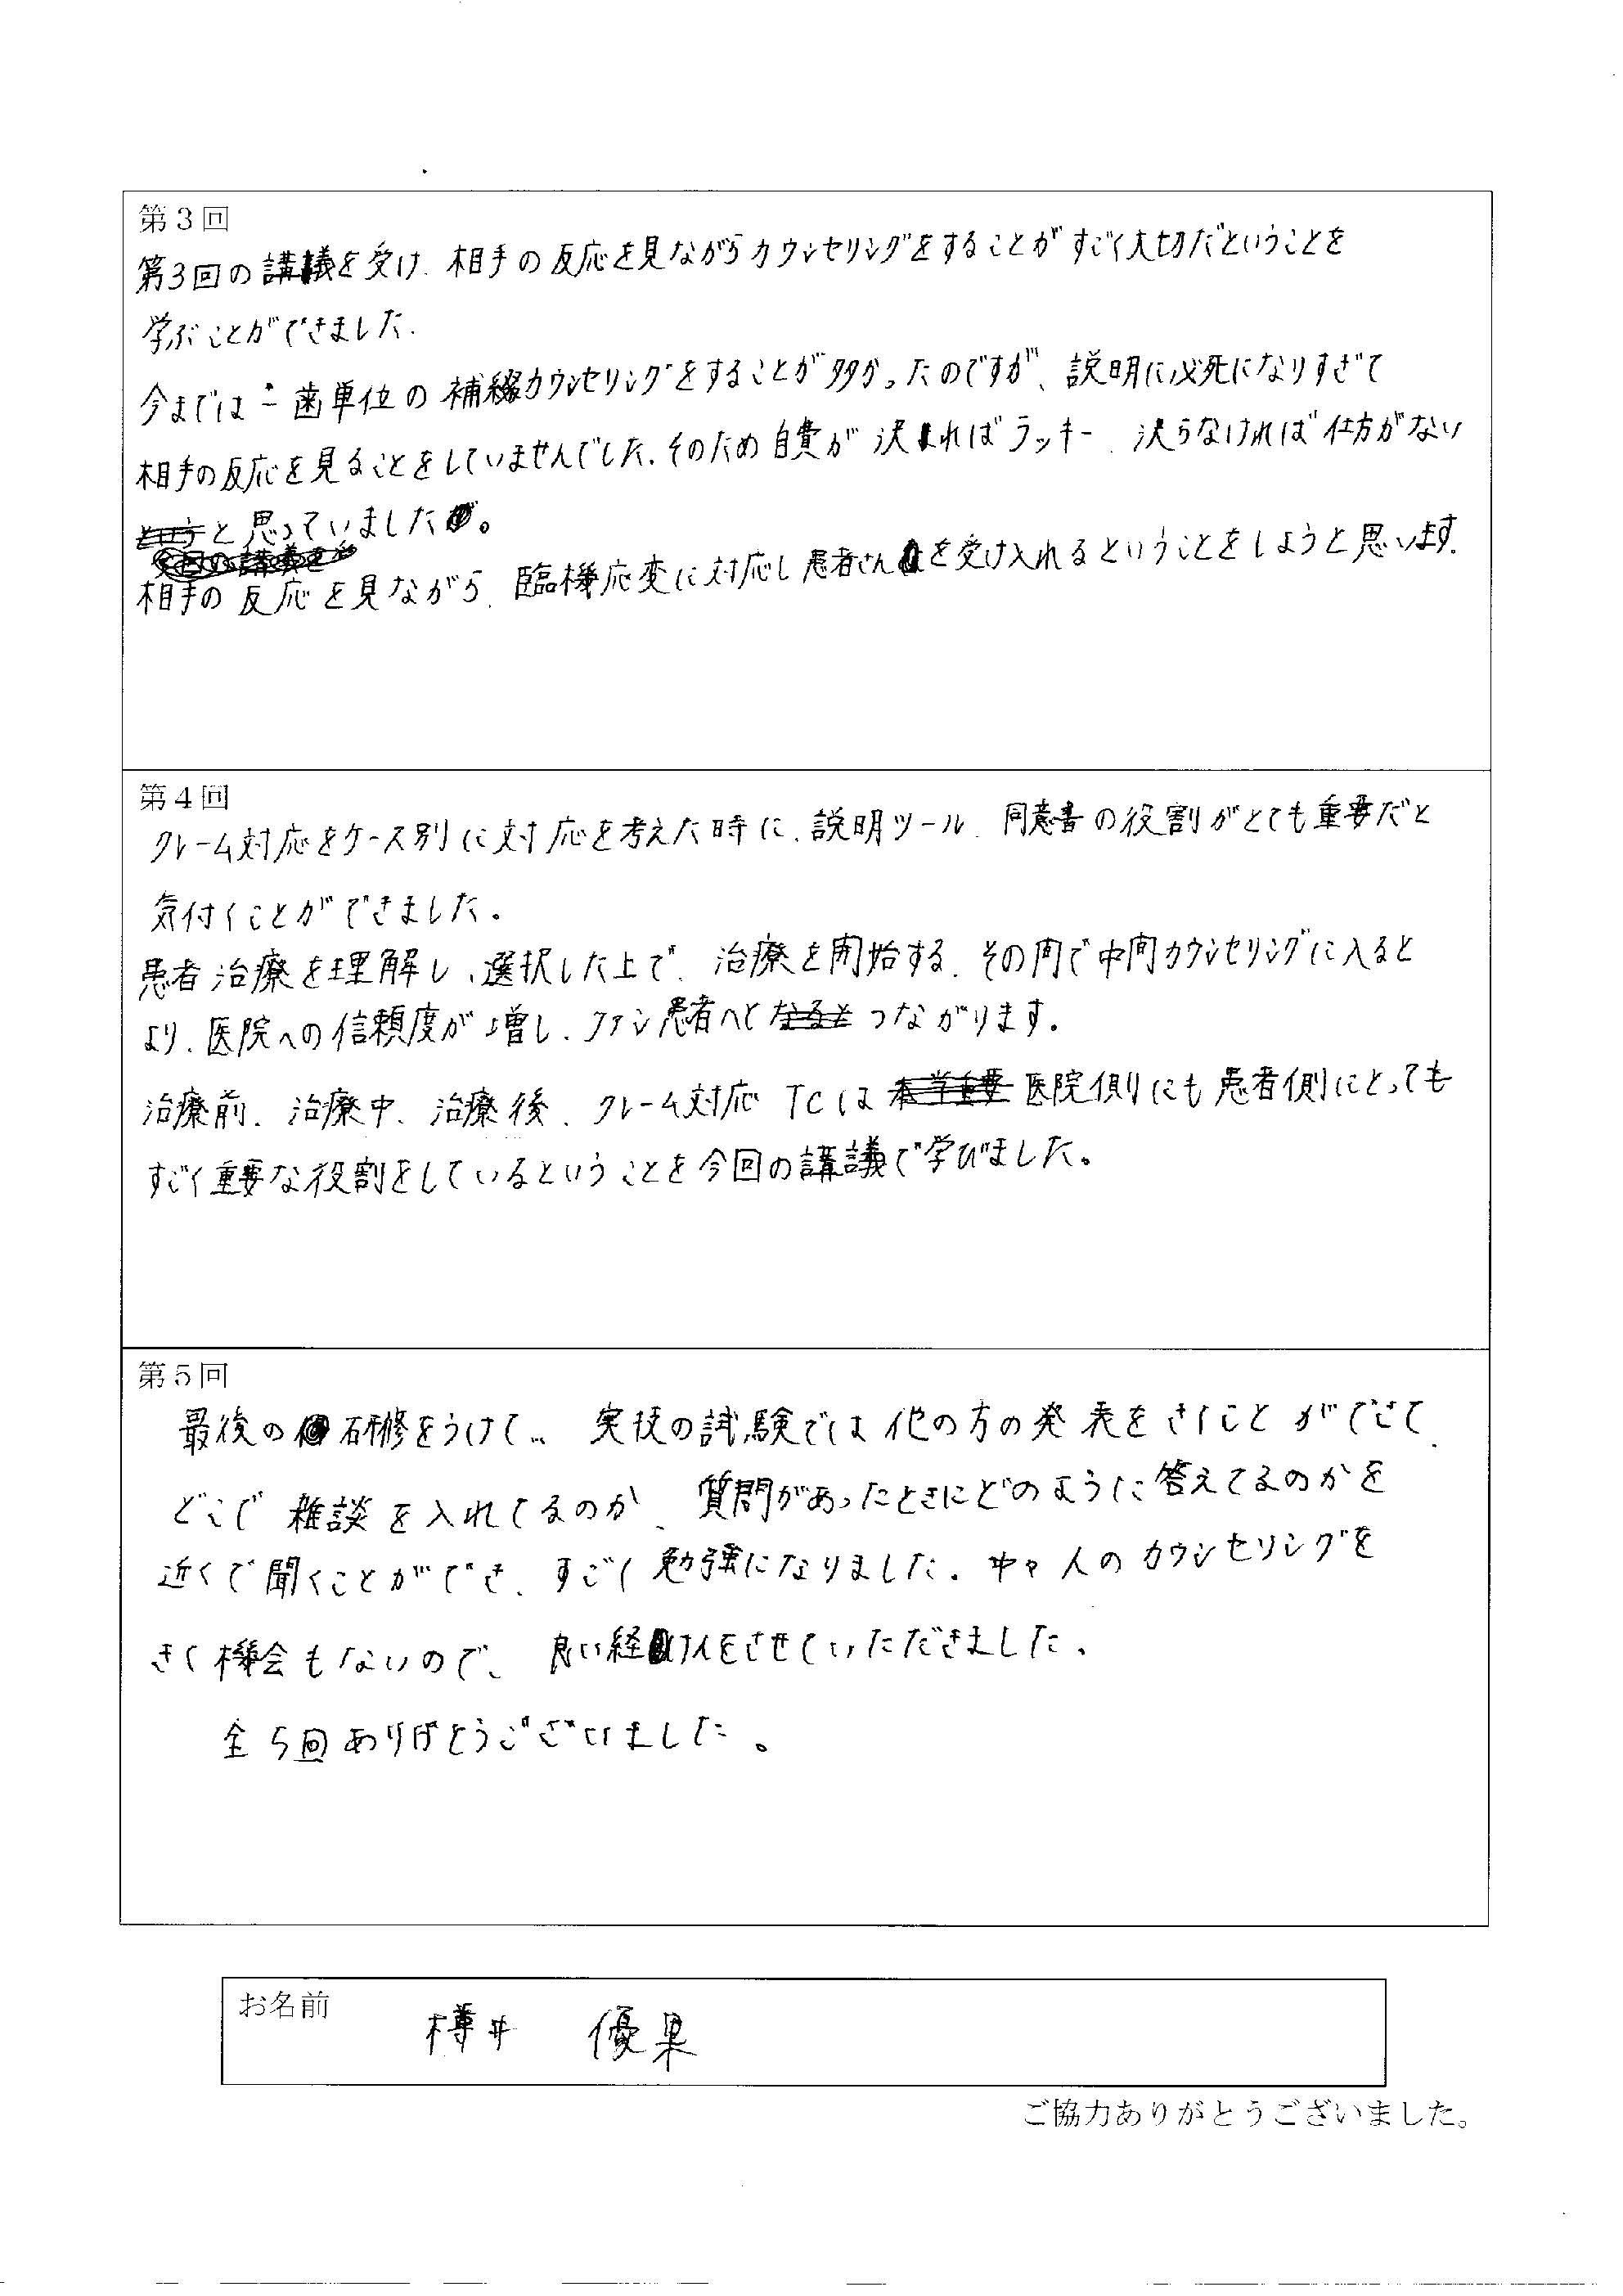 樽井優果 様アンケート